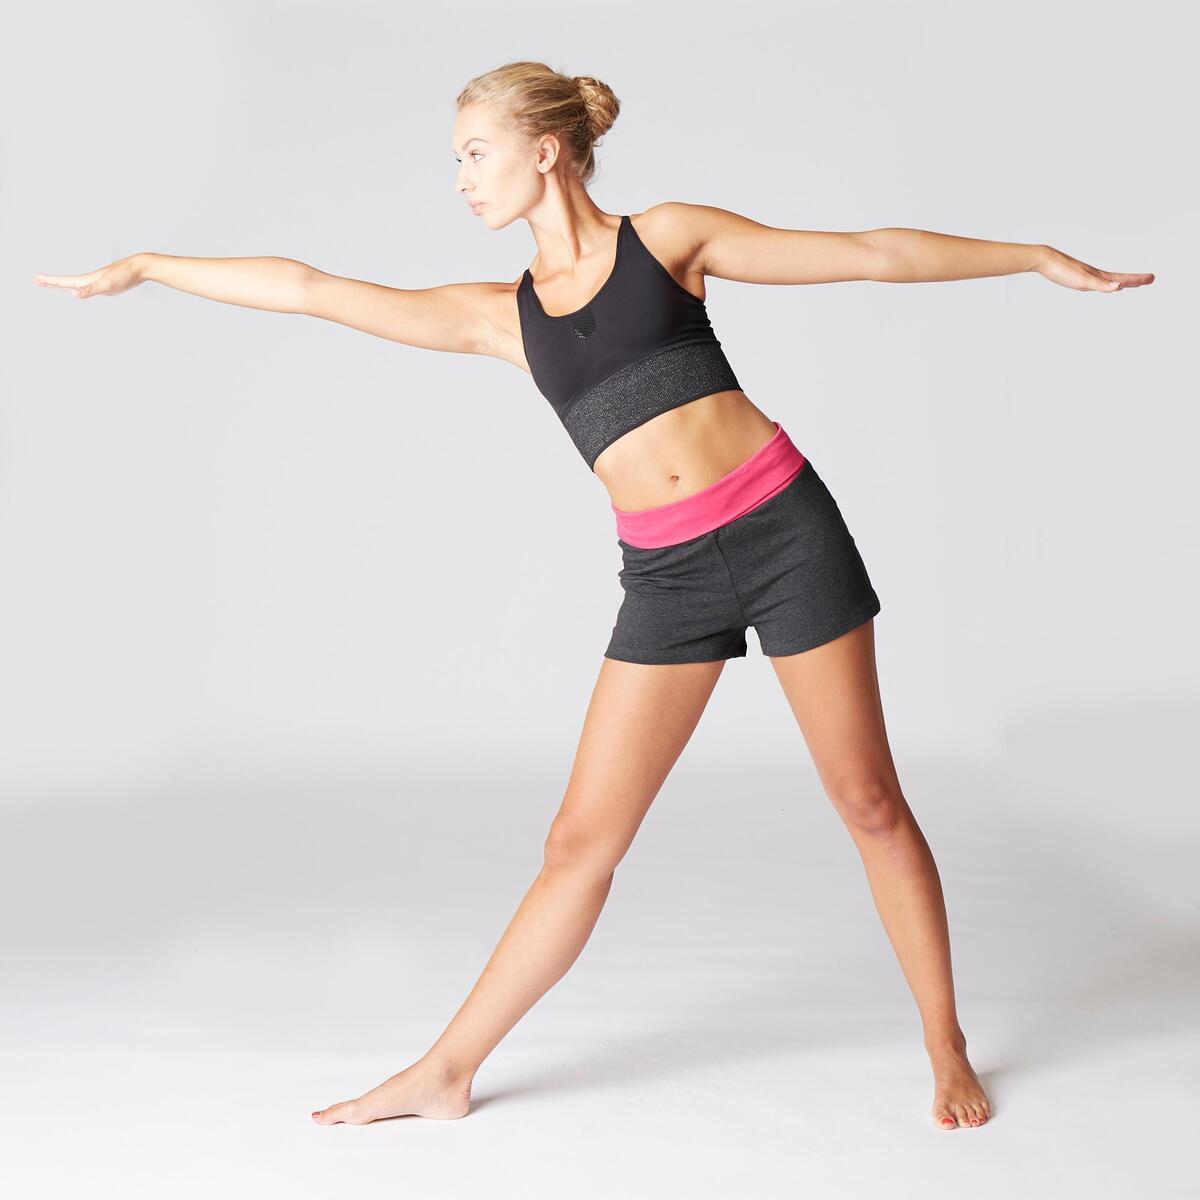 Bild 2 von Shorts sanftes Yoga Baumwolle aus biologischem Anbau Damen grau/rosa